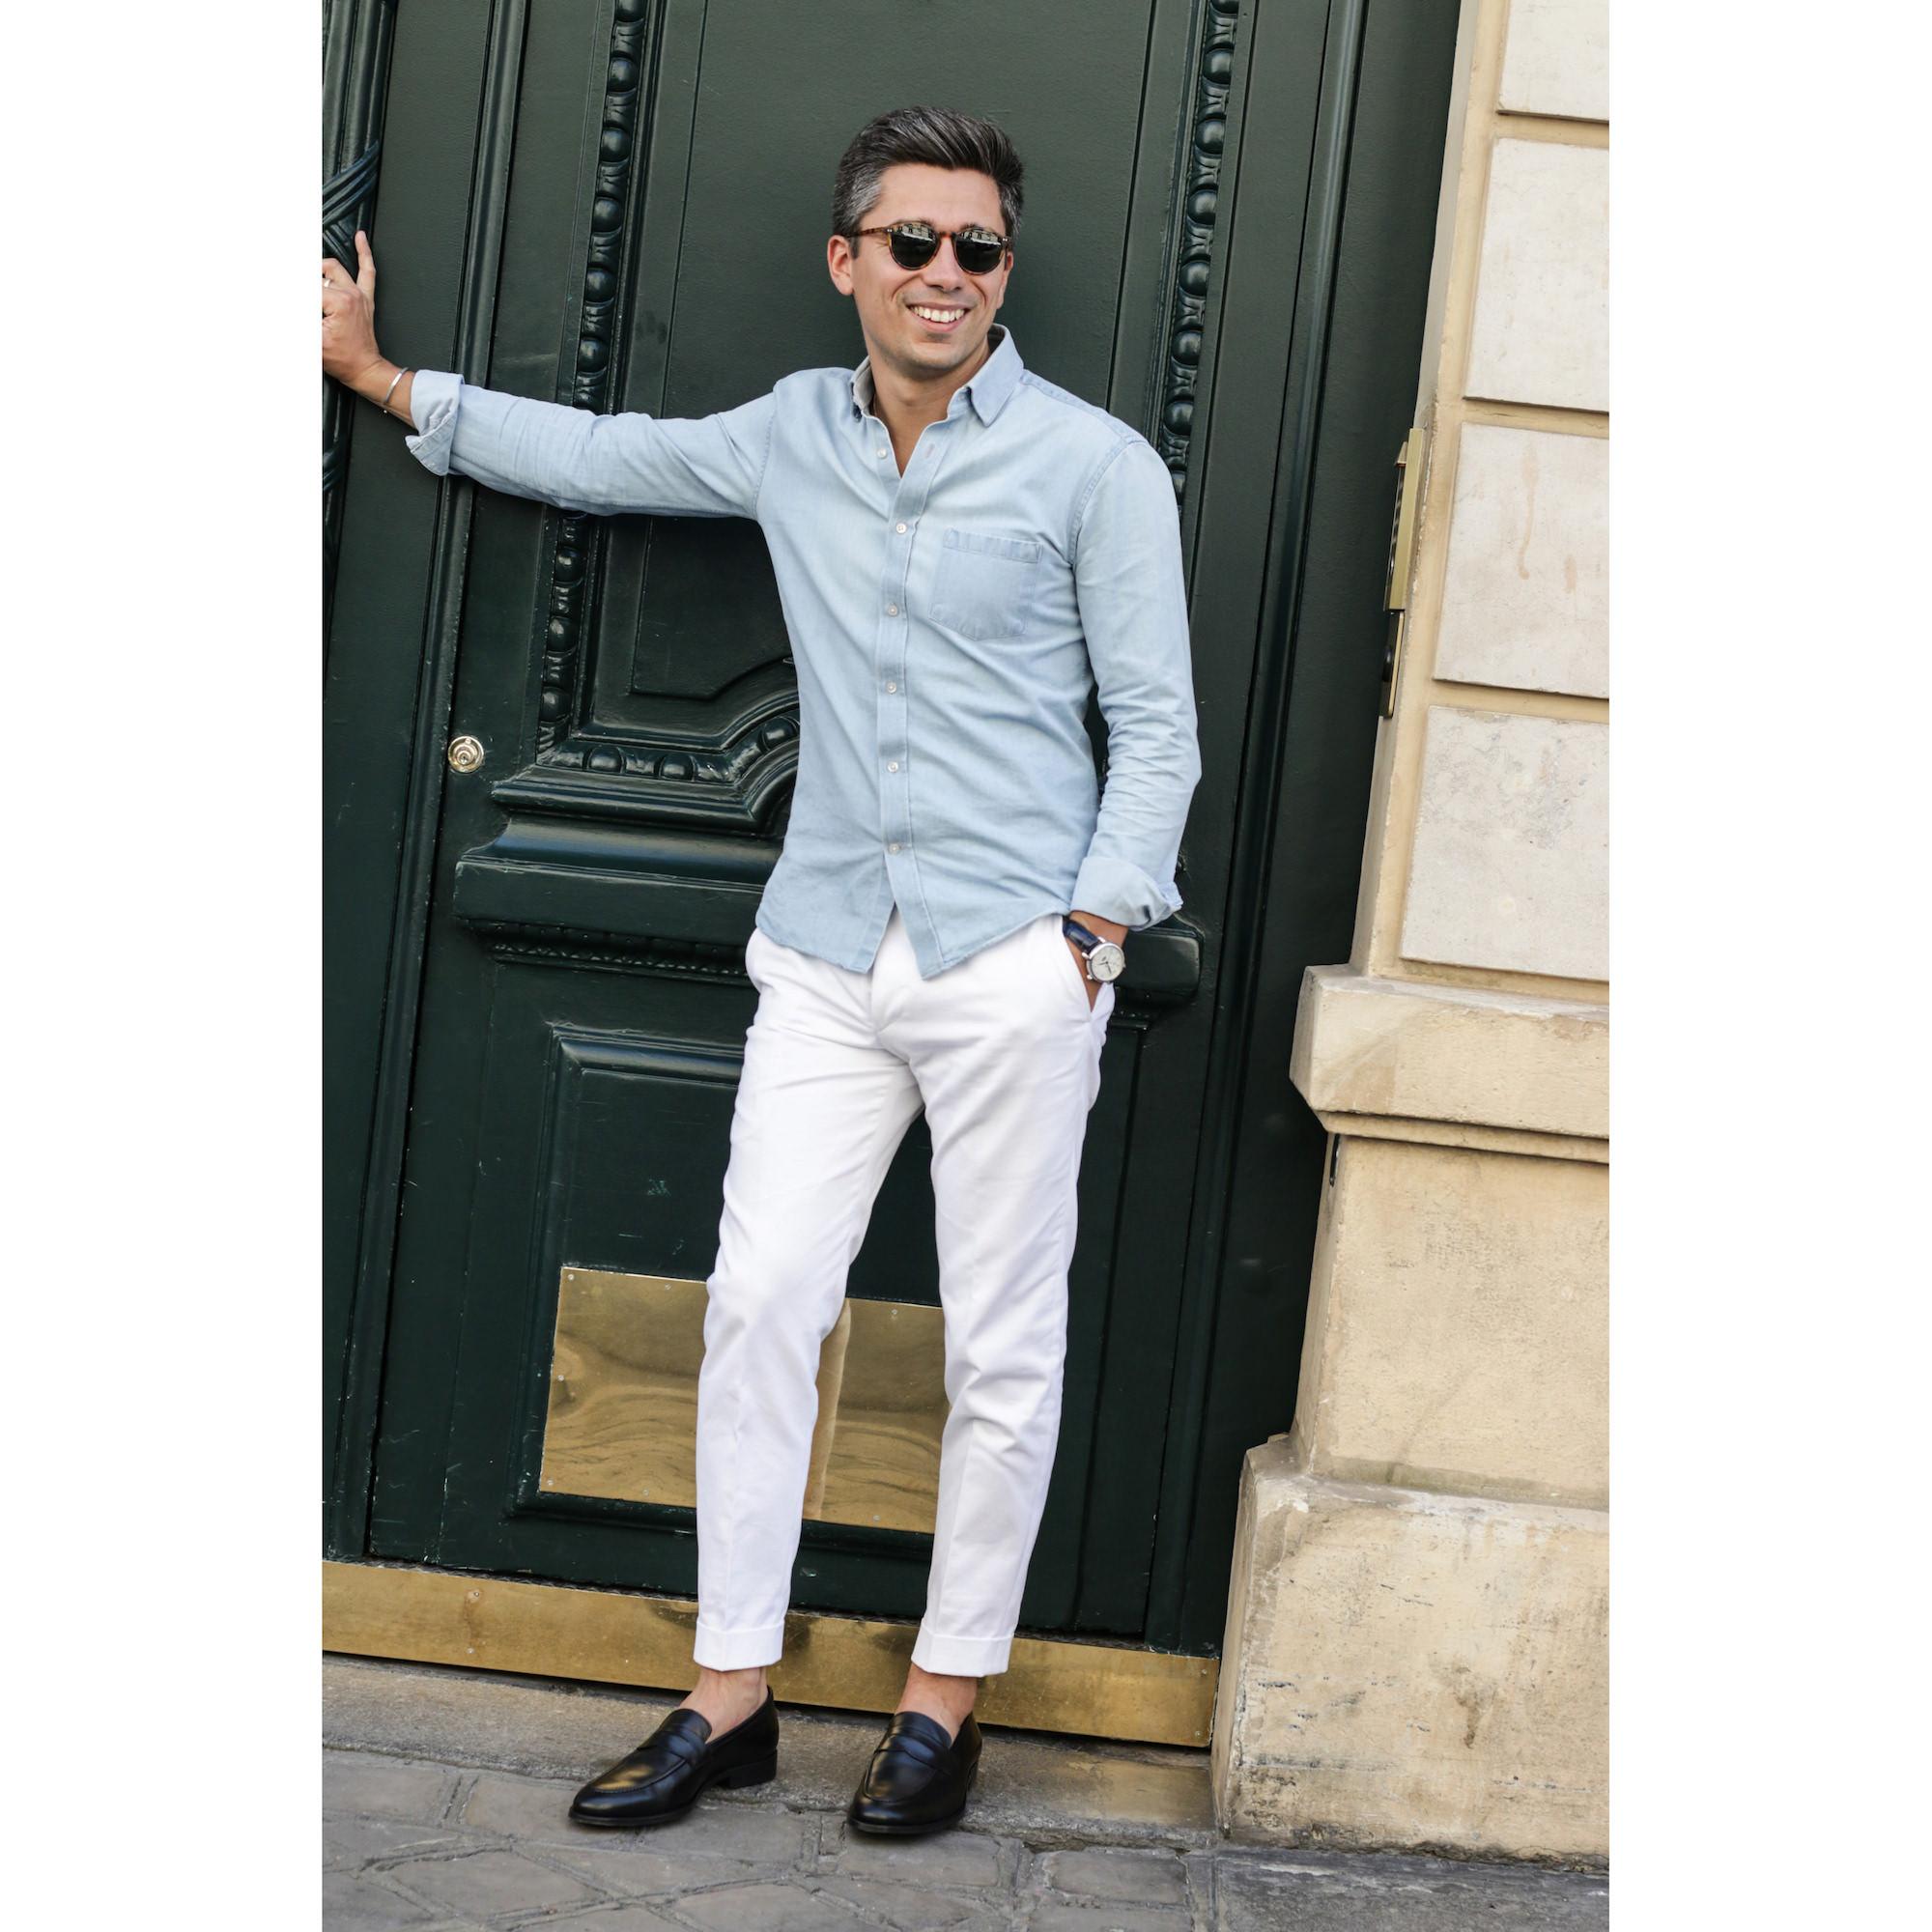 look homme pantalon blanc chemise jean bleu ciel chaussures noires